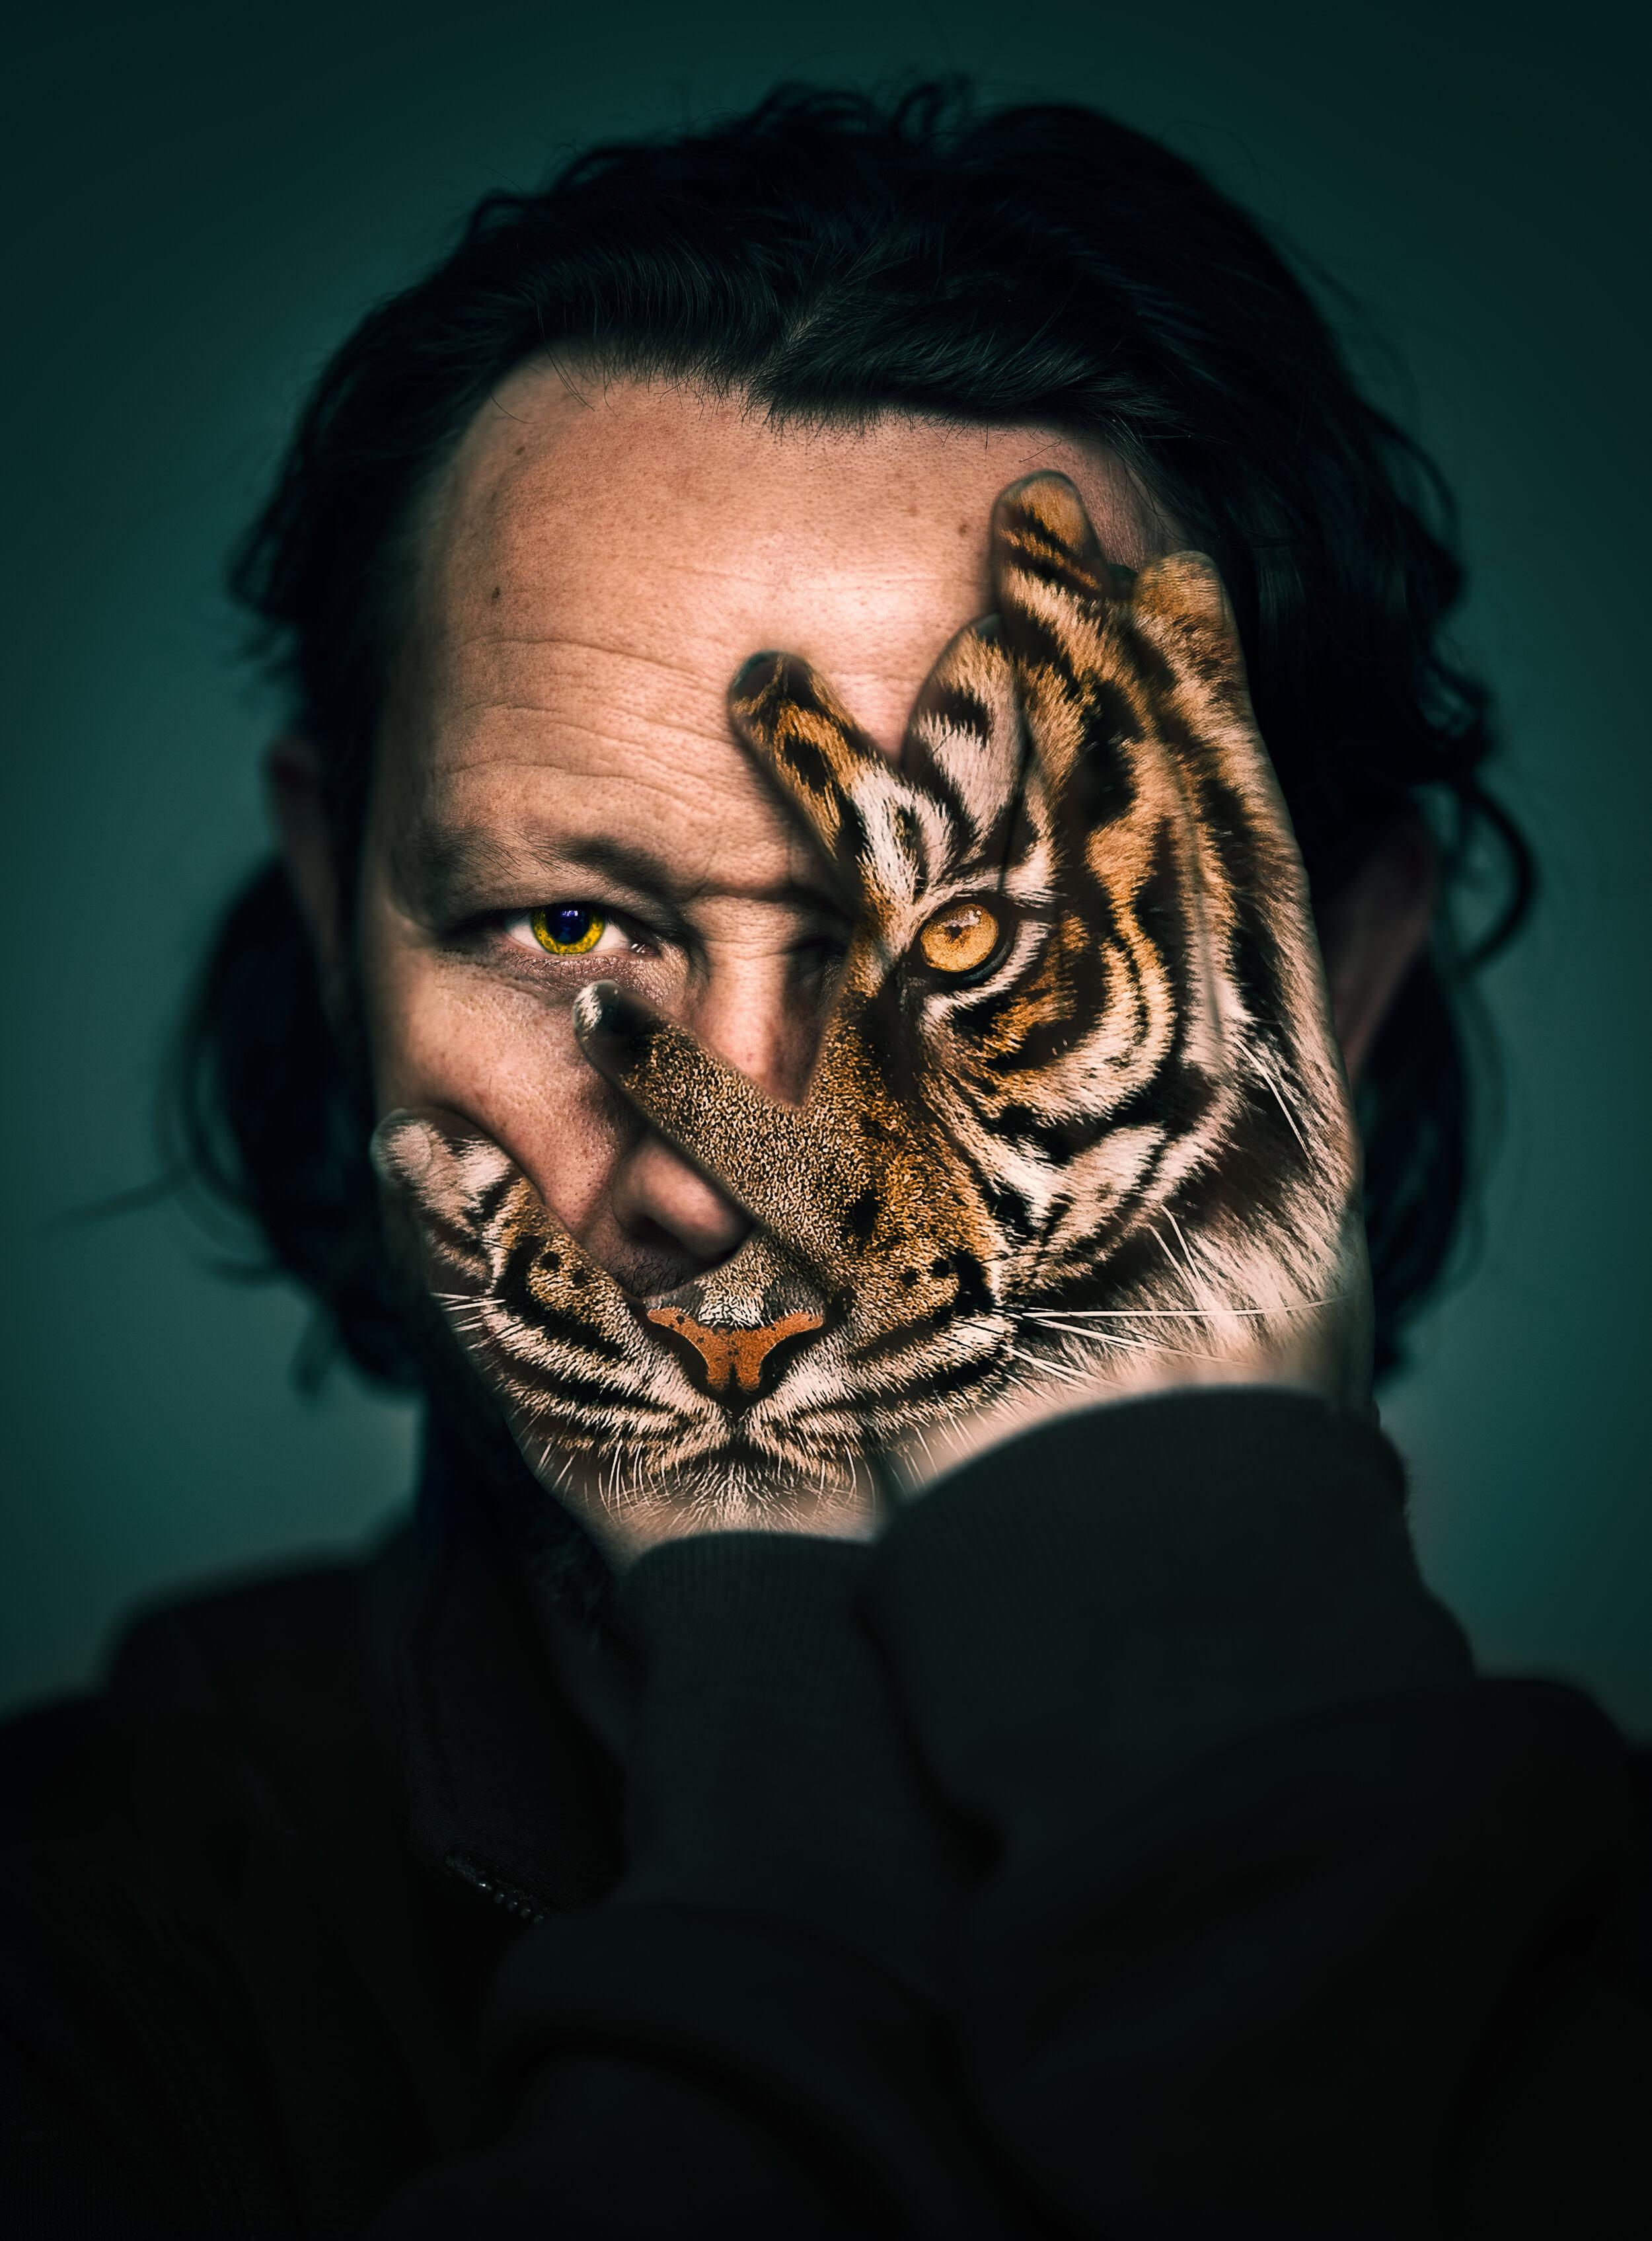 Portret Tijger.jpg